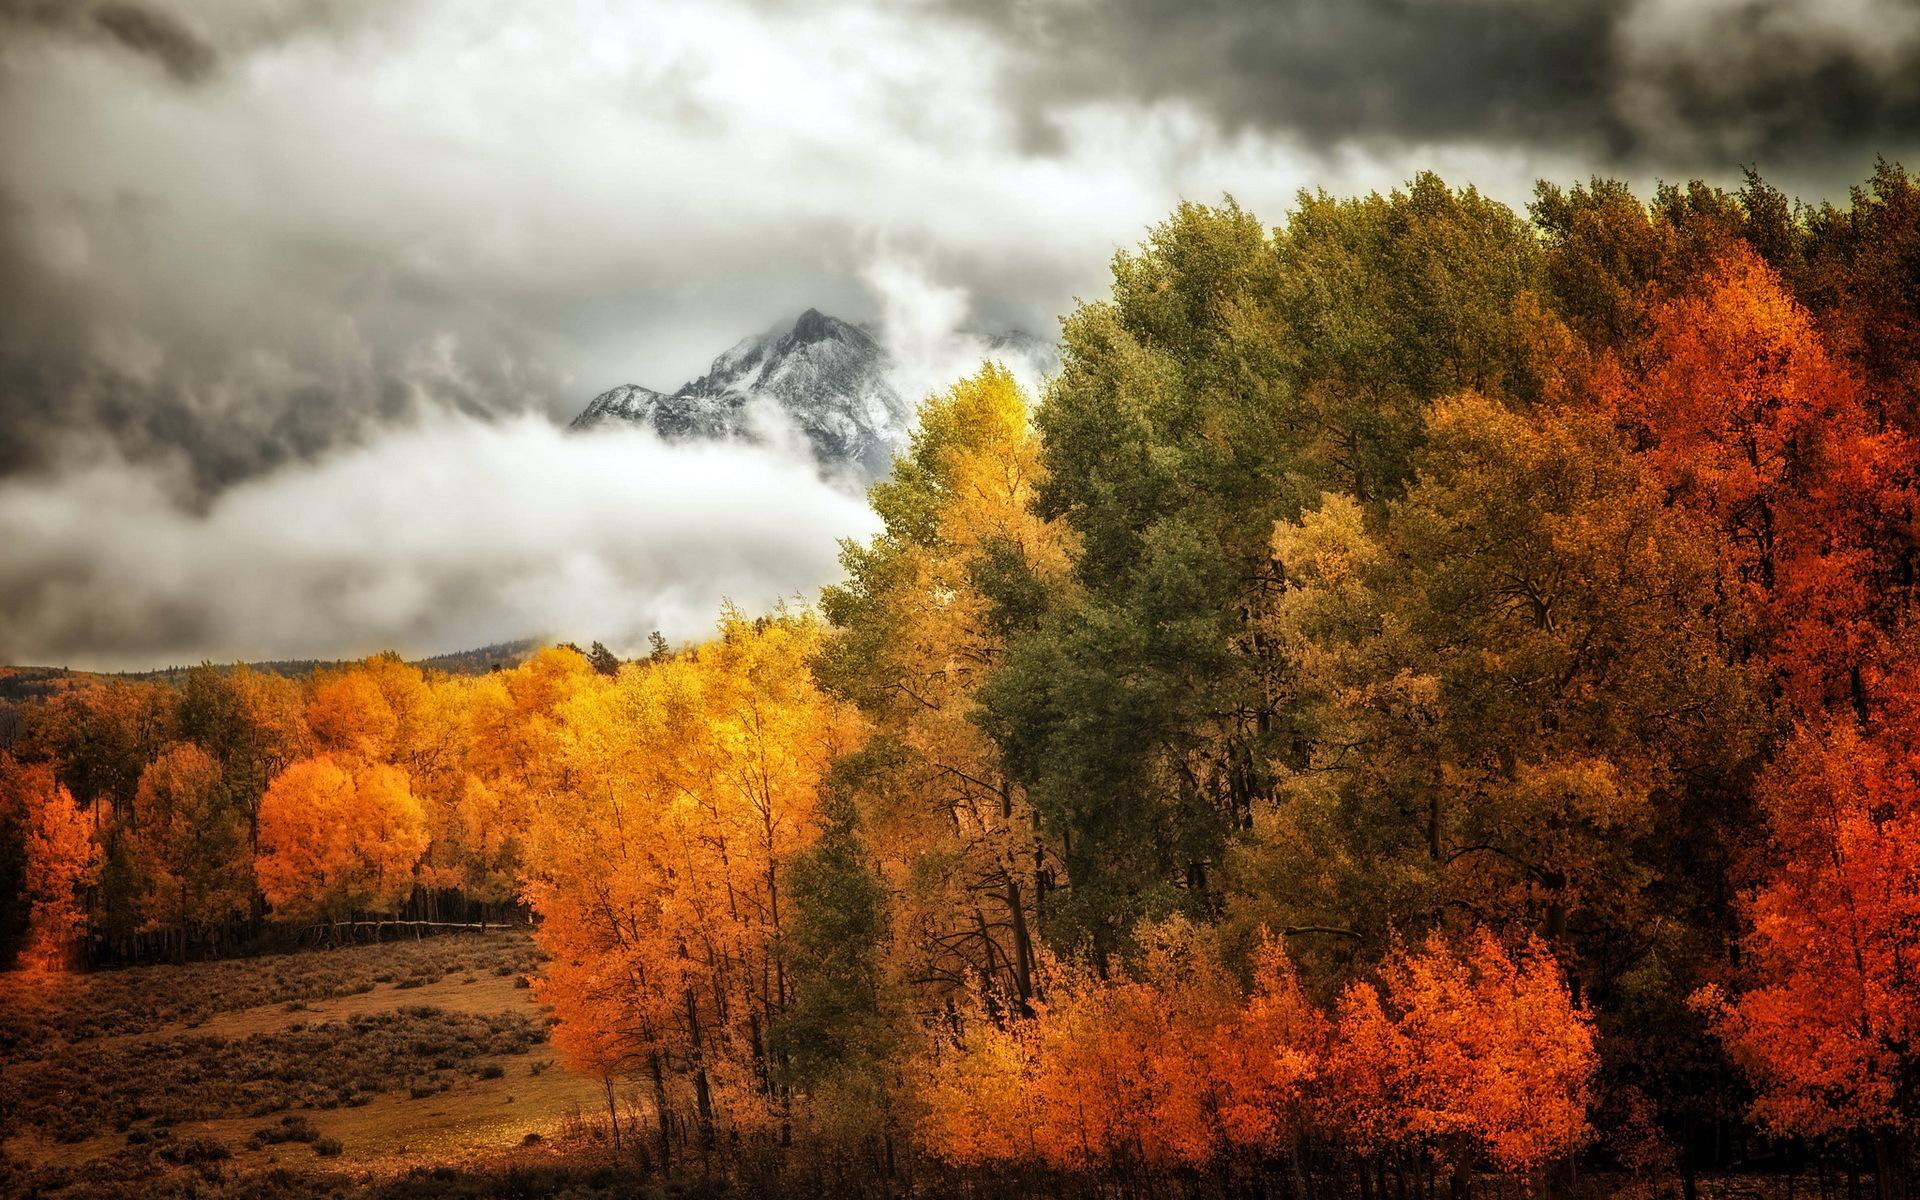 18162 скачать обои Пейзаж, Деревья, Горы, Осень, Облака - заставки и картинки бесплатно